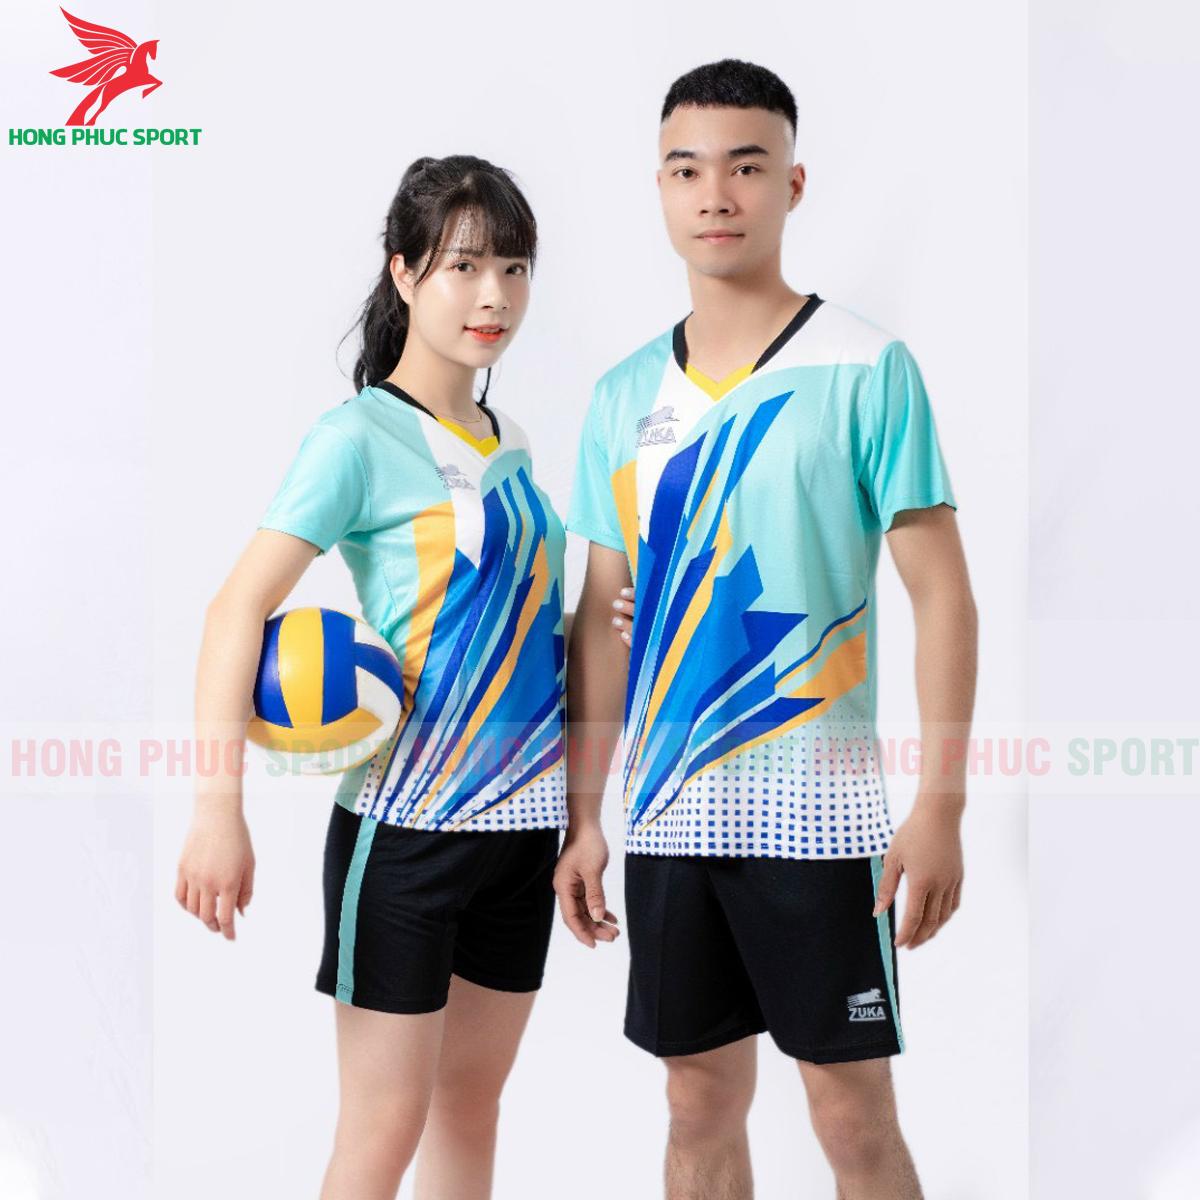 https://cdn.hongphucsport.com/unsafe/s4.shopbay.vn/files/285/quan-ao-bong-chuyen-zuka-01-2021-mau-xanh-ngoc-3-60750d63190dc.png